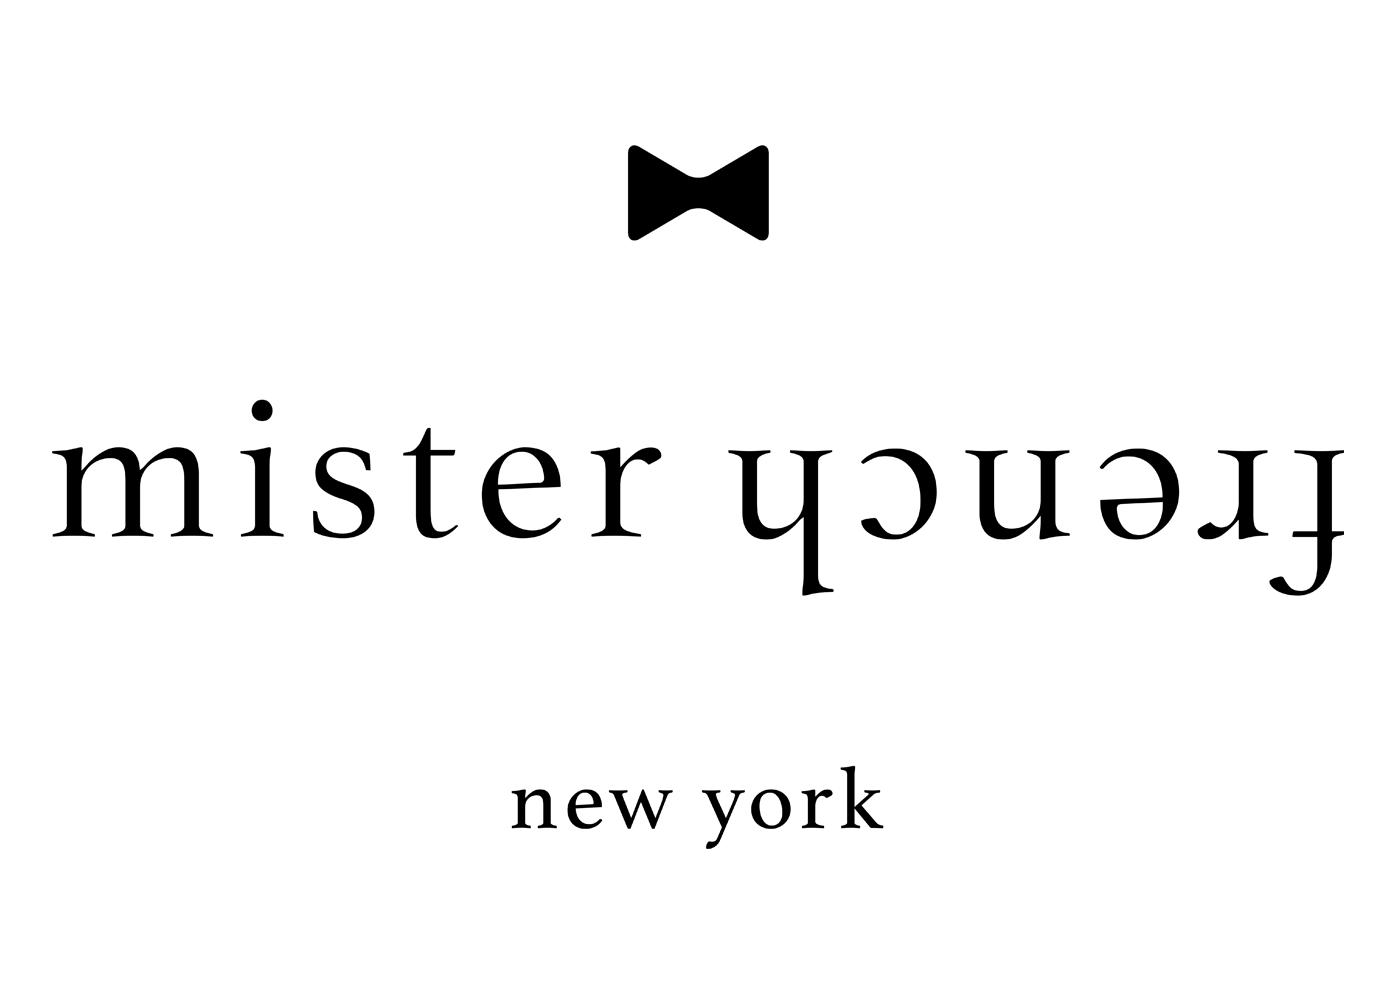 mister French New York logo